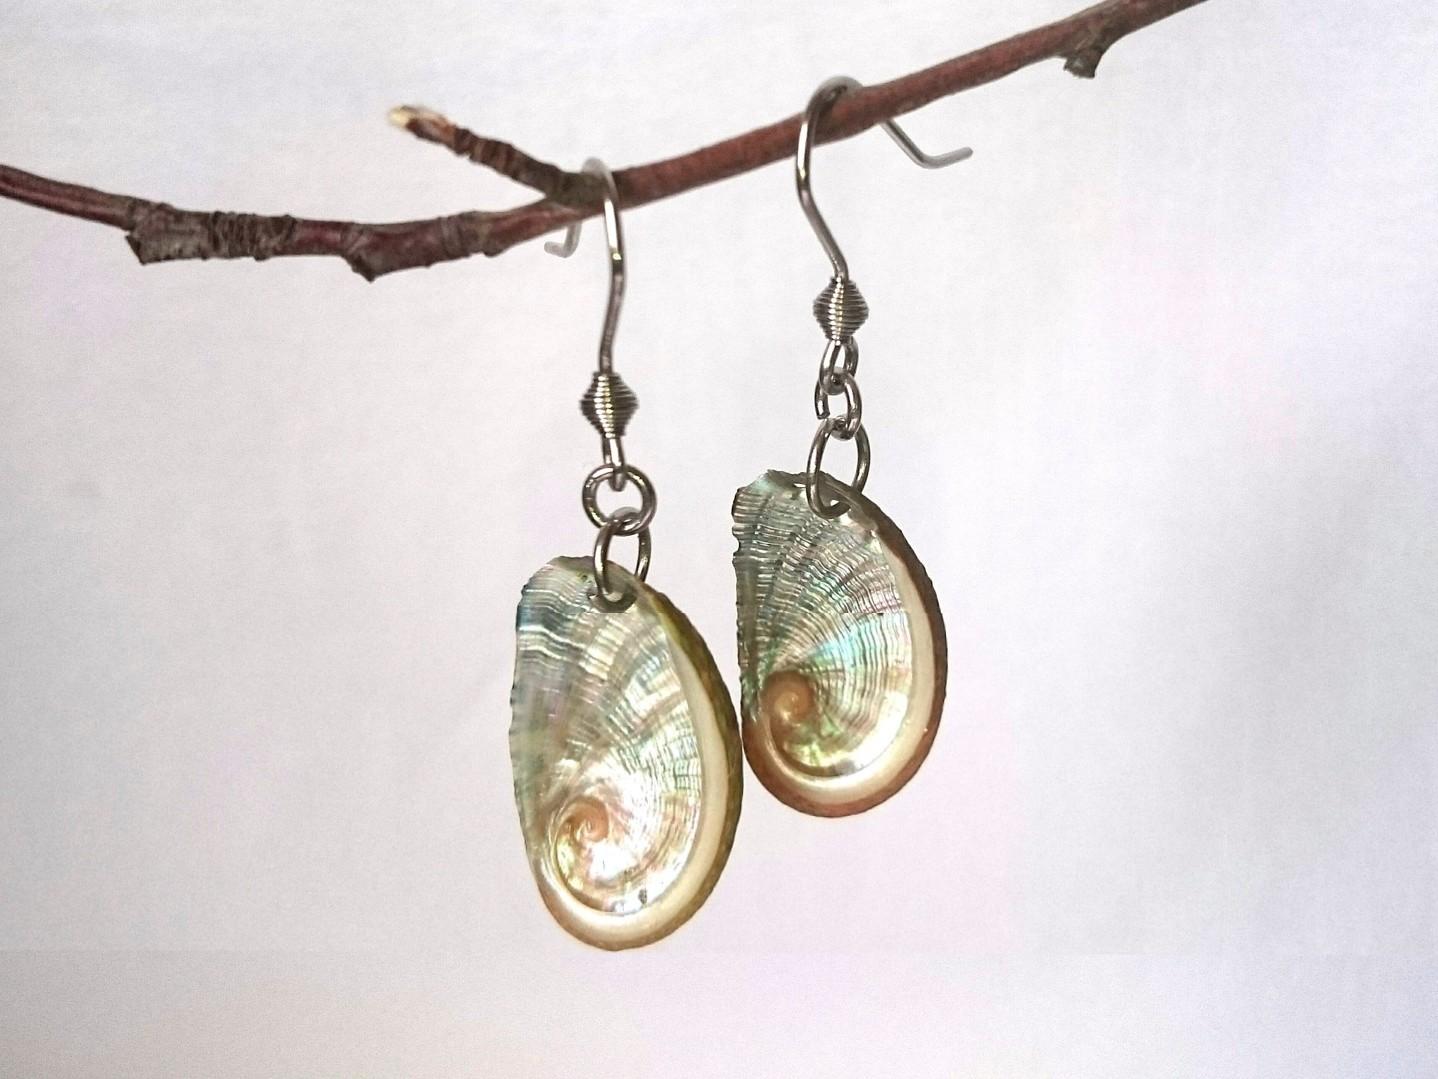 coquillages brillants : ormeaux sur des boucles d'oreilles